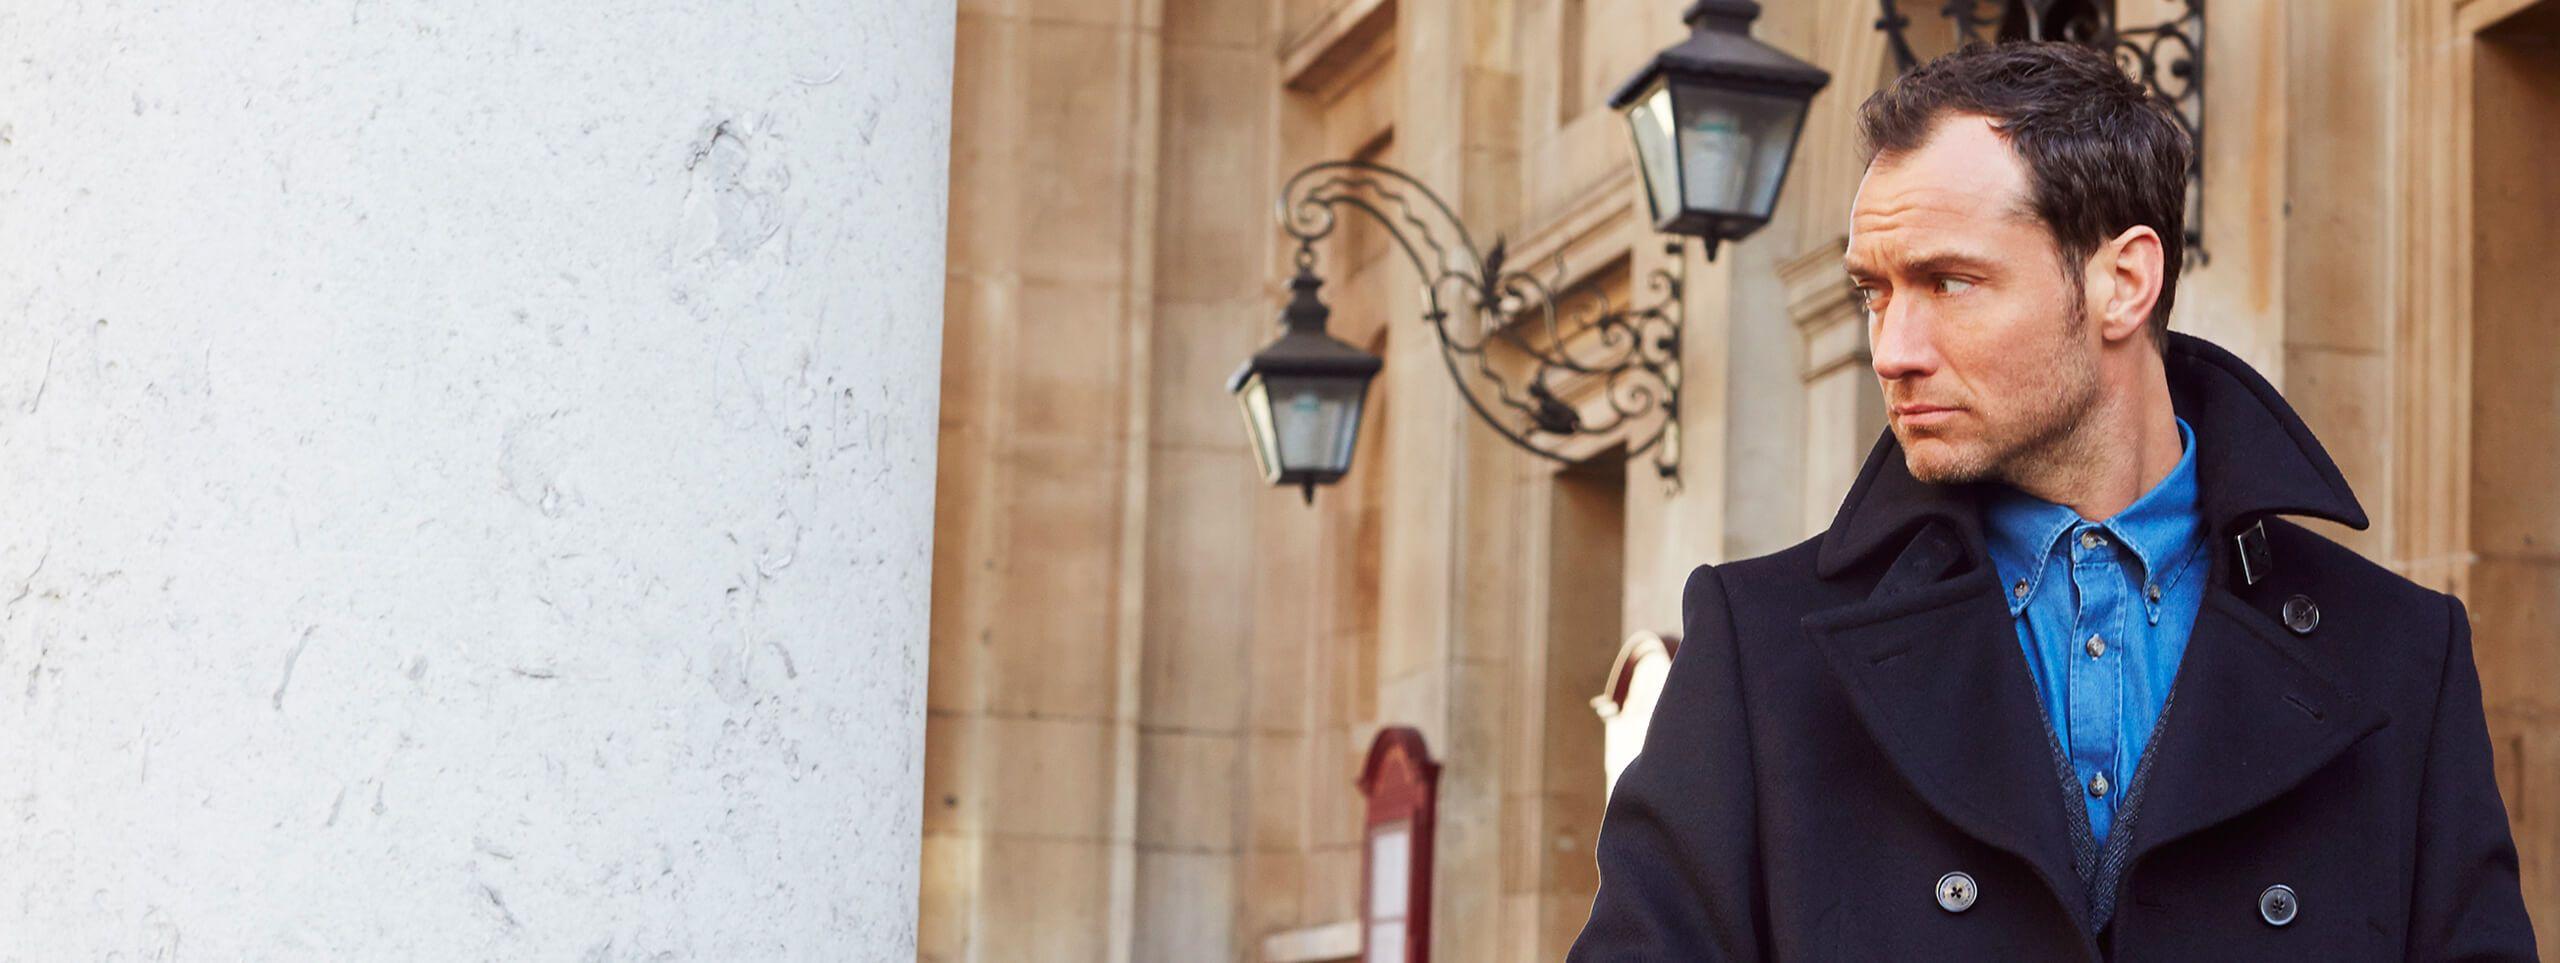 Jude Law z krótką fryzurą i wysokim czołem